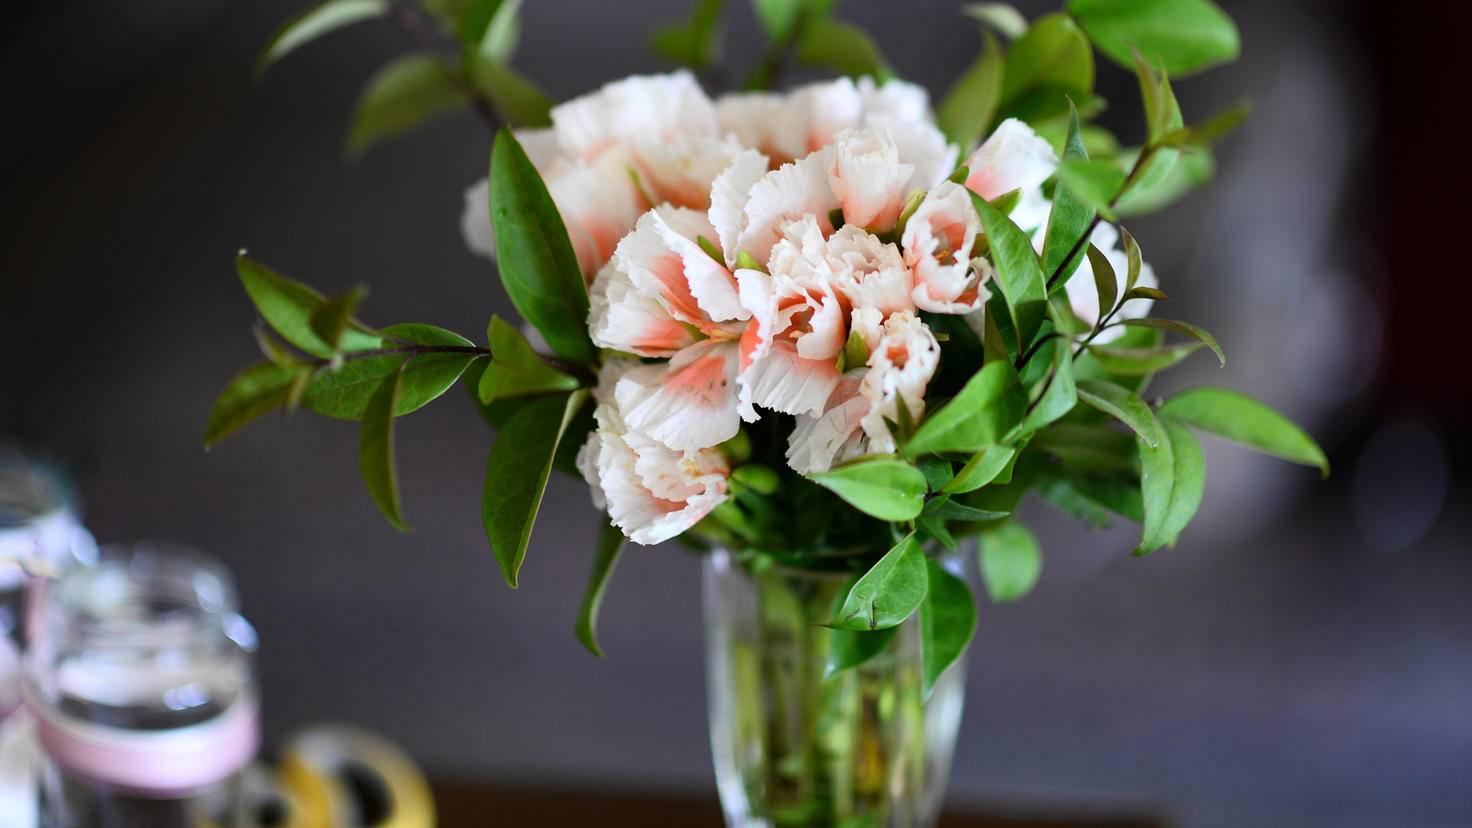 Haarspray schützt frische Blumen vor allzu schnellem Verwelken.